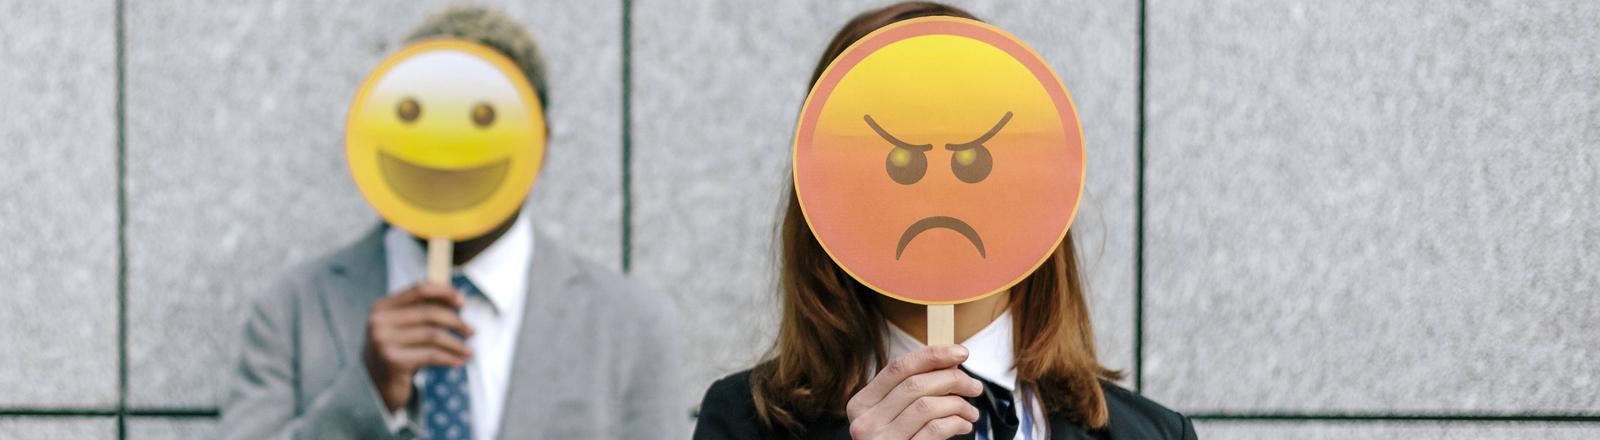 Zwei Menschen mit glücklichen und wütenden Emoji-Masken